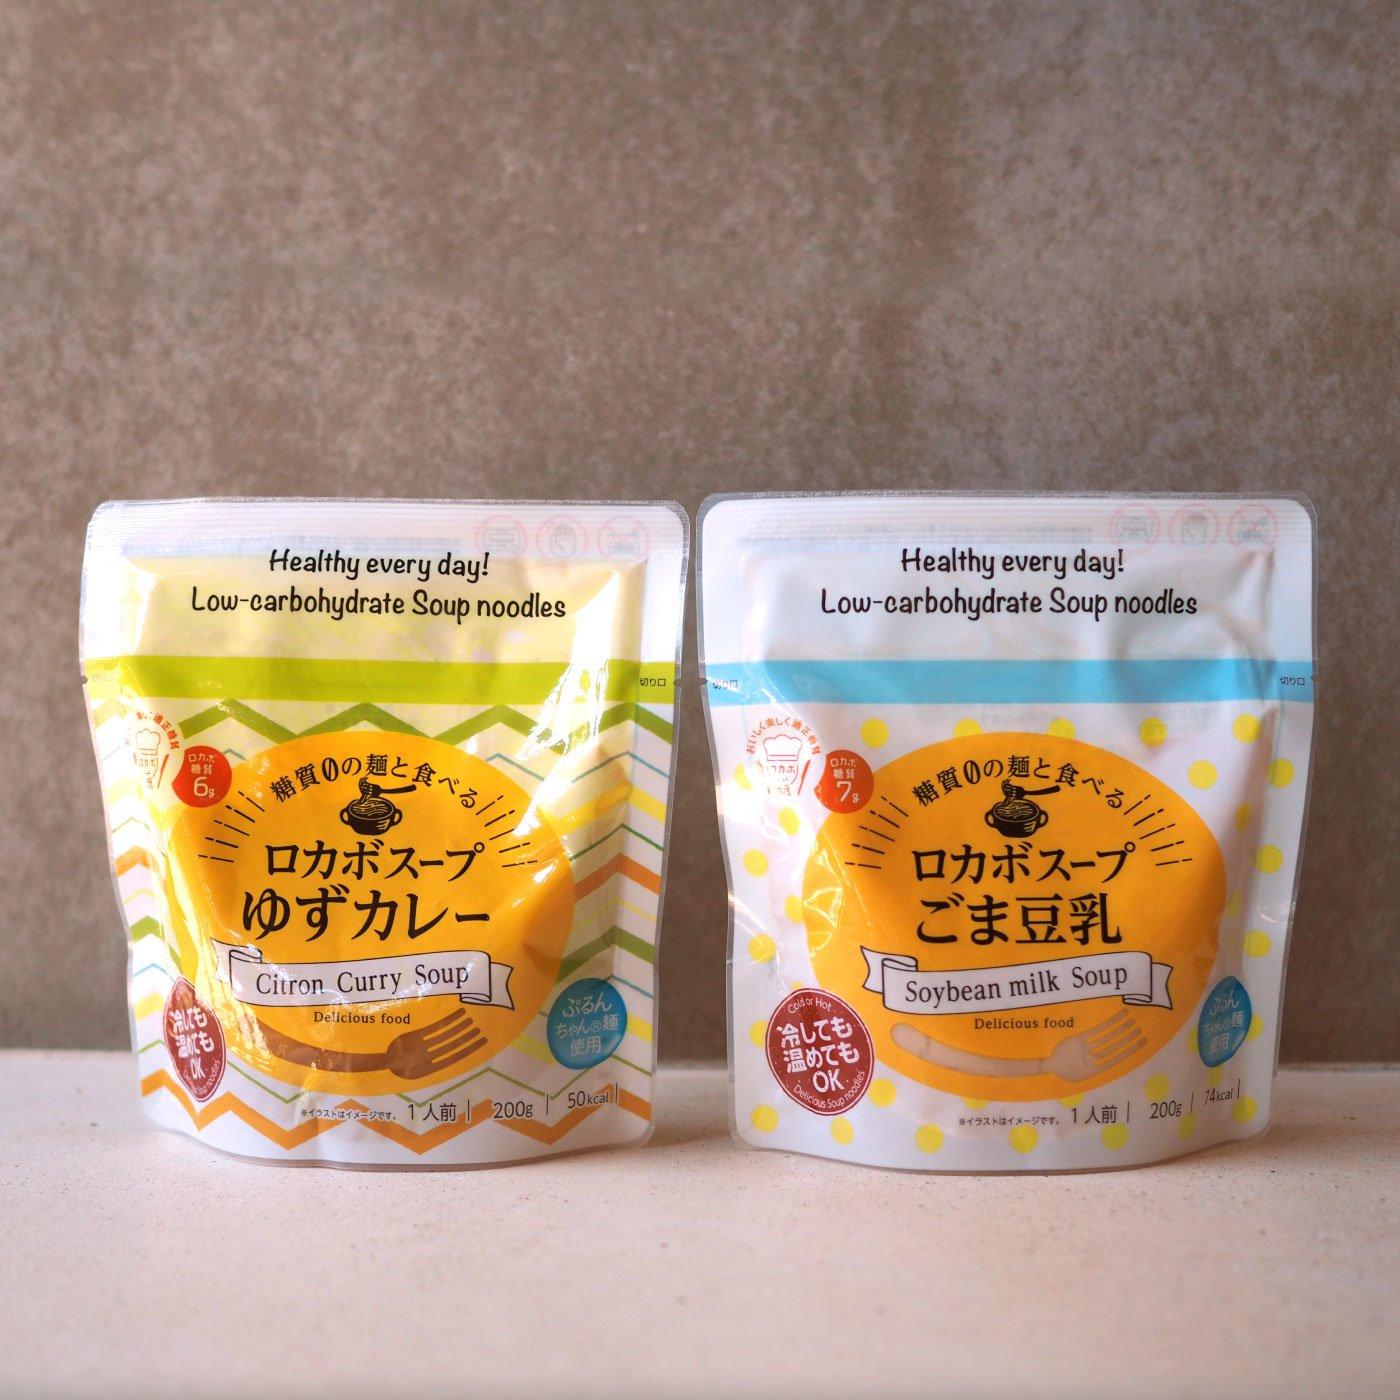 純農 糖質ゼロの麺と食べる ロカボスープセット(ゆずカレー&ごま豆乳)の会